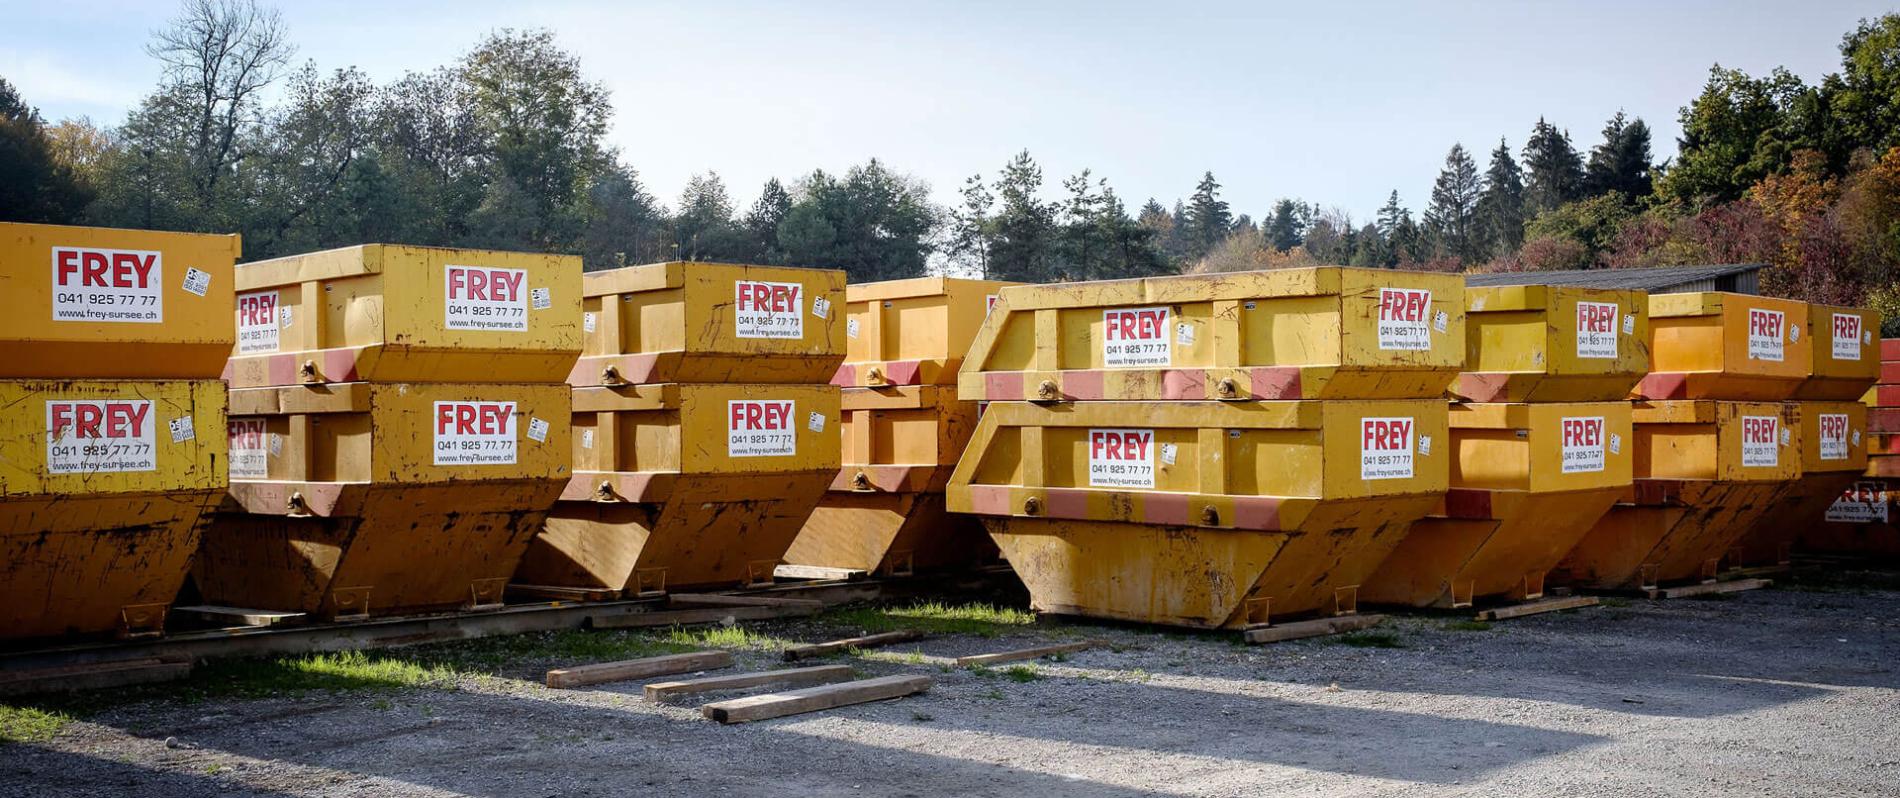 unzählige gelbe UT-Mulden mit FREY Beschriftung nebeneinander stehend.